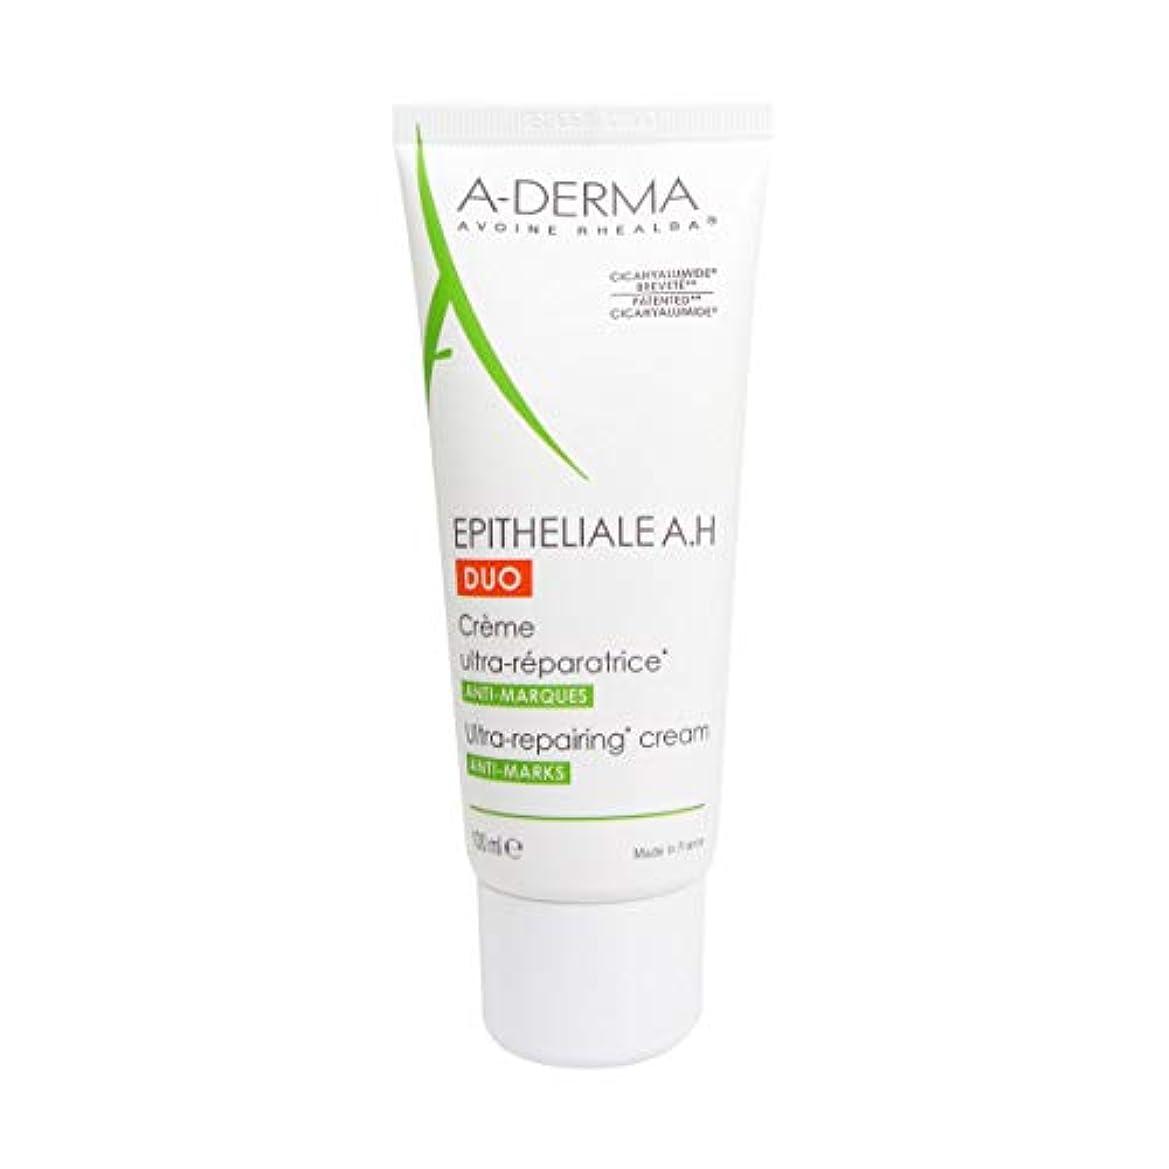 ぬいぐるみ包括的においA-derma Epitheliale A.h. Duo Ultra-repairing Cream 100ml [並行輸入品]